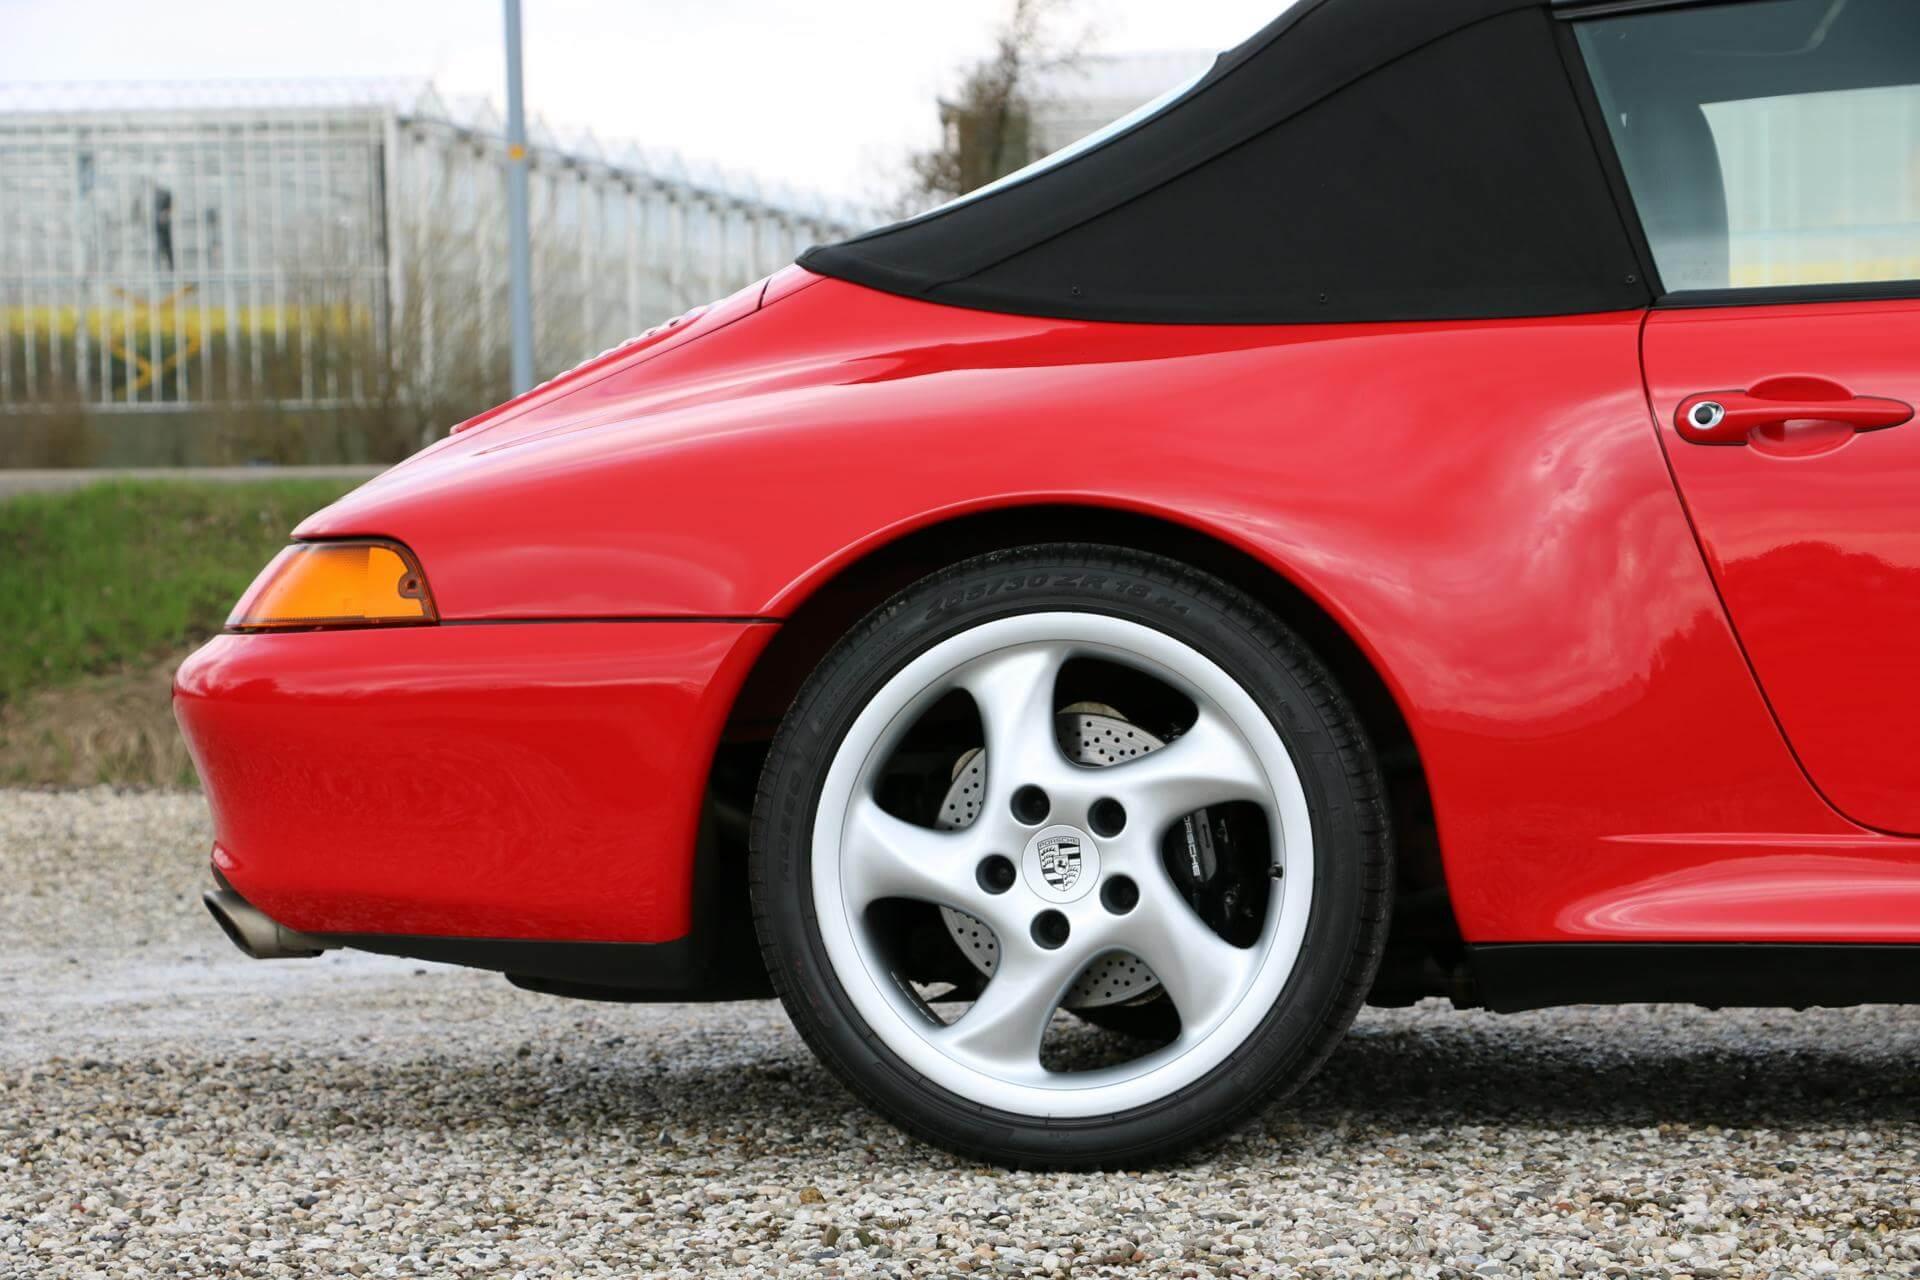 Real Art On Wheels 1998 Porsche 993 Carrera 2s Cabriolet Automotivepictures 4163321997sc1alternatorwirediagram1jpg Gallery